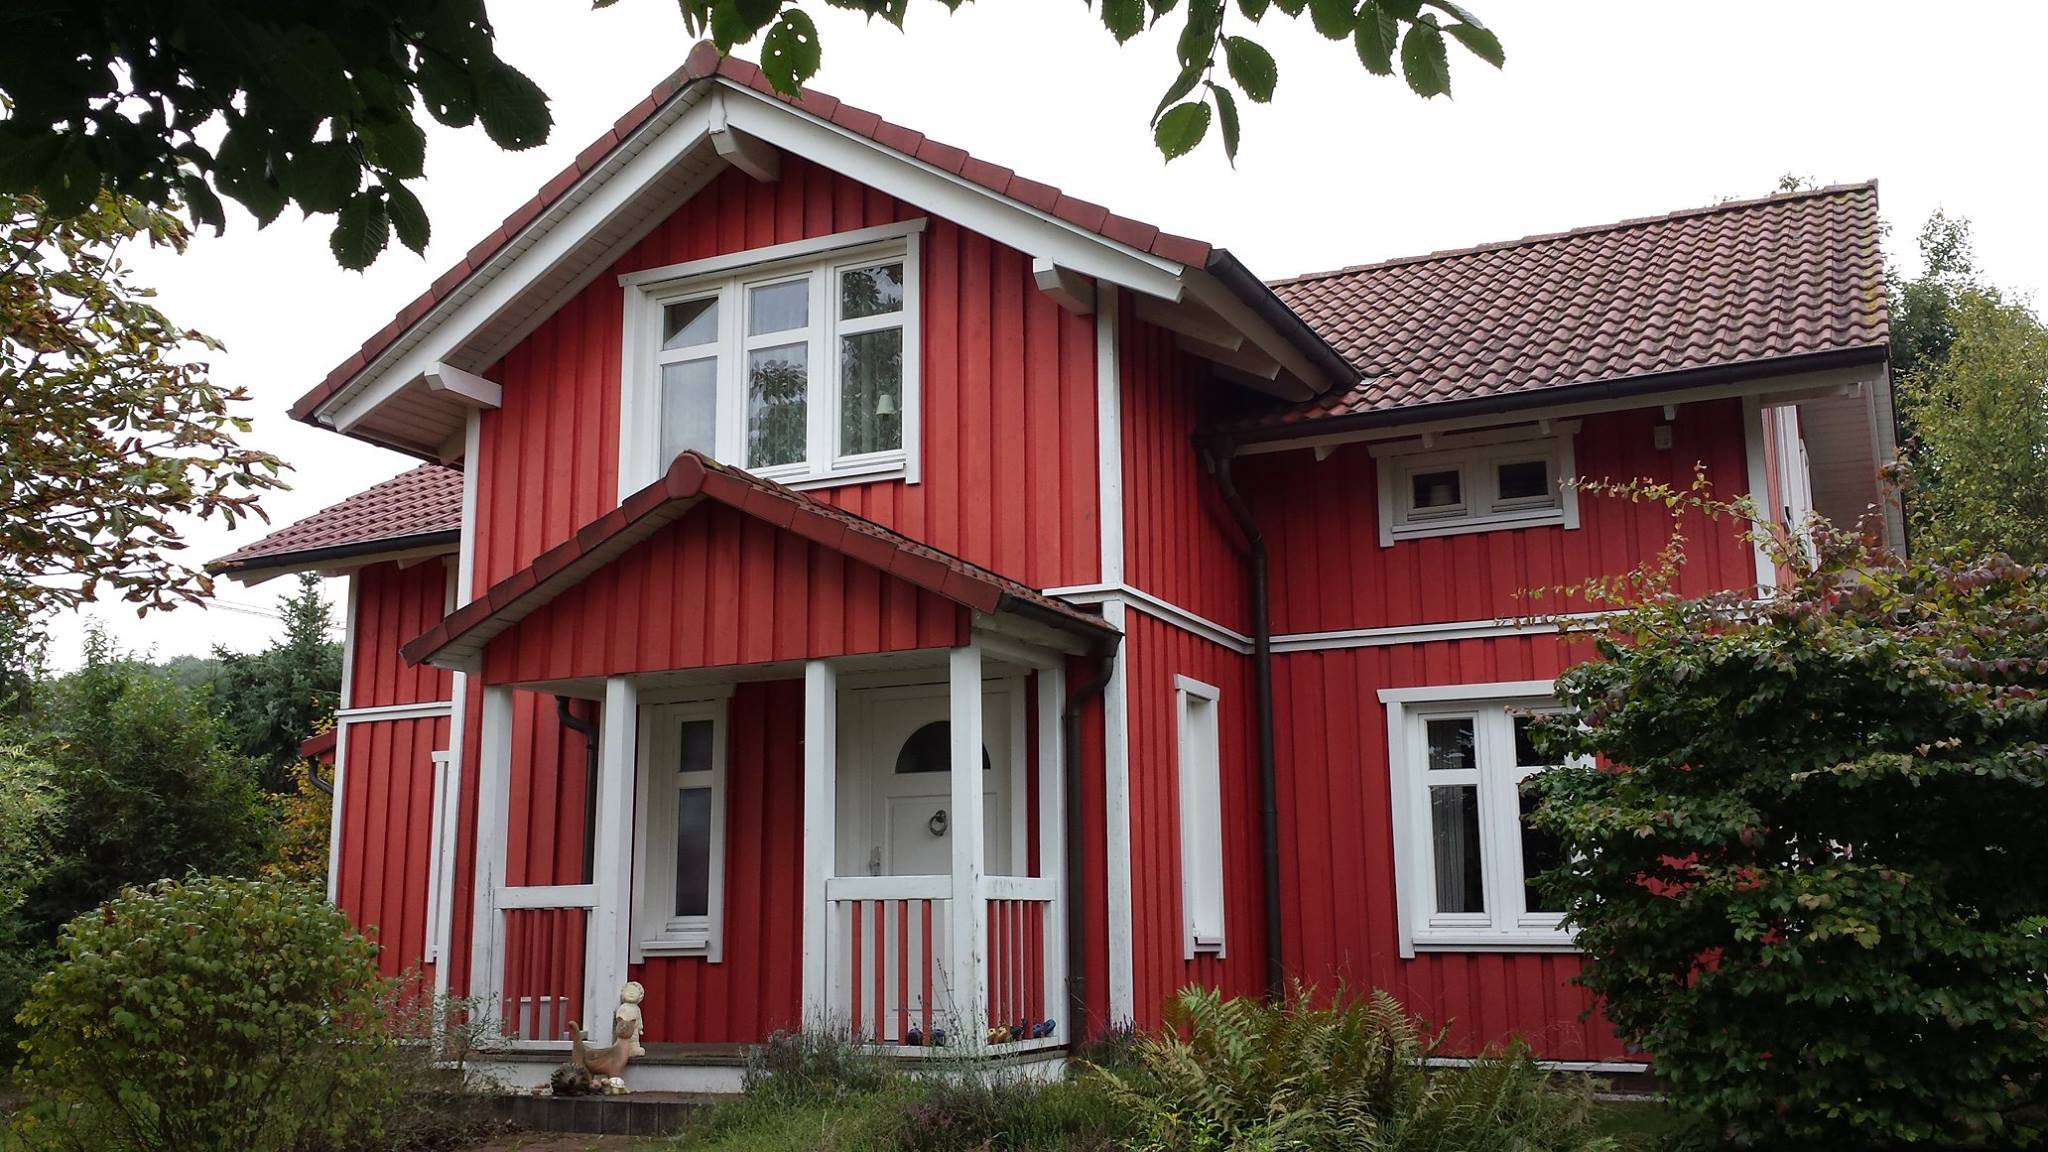 Passiv-Energiehaus